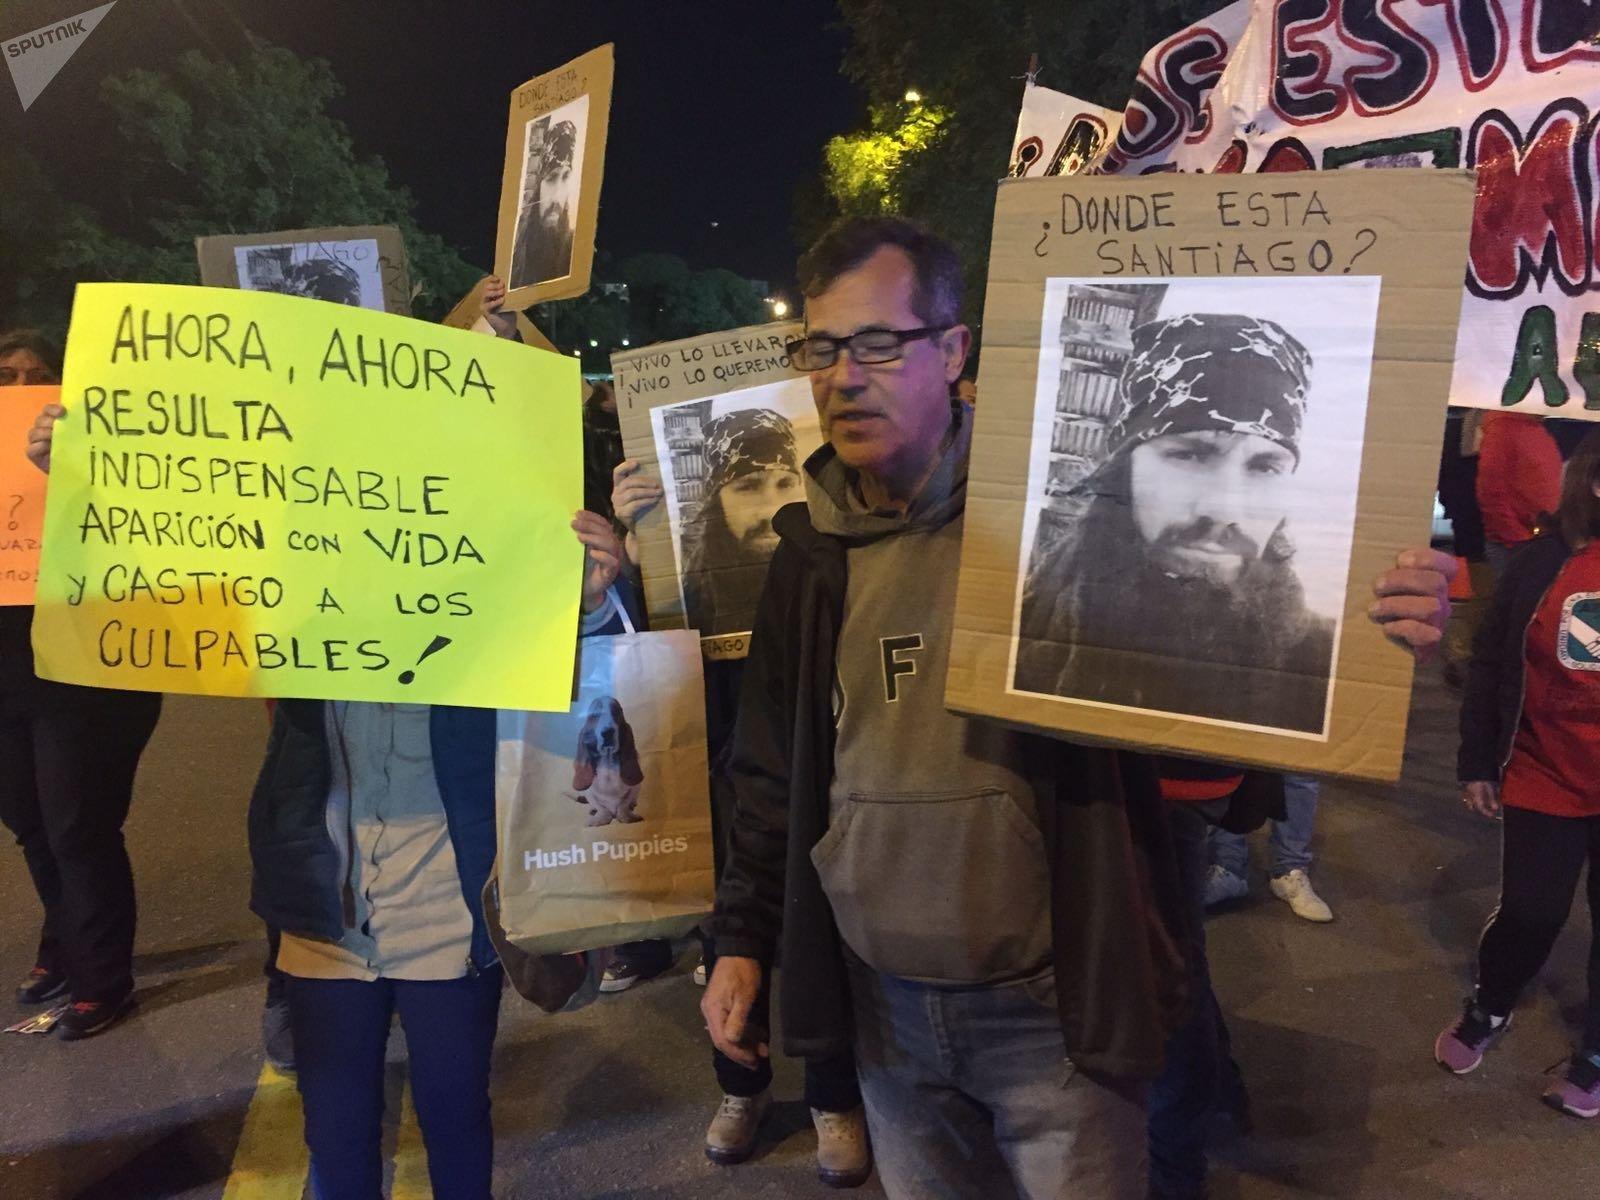 Manifestantes reclaman conocer el paradero del activista desaparecido Santiago Maldonado, en el Estadio Centenario de Montevideo, en el partido Uruguay - Argentina por las eliminatorias hacia Rusia 2018.